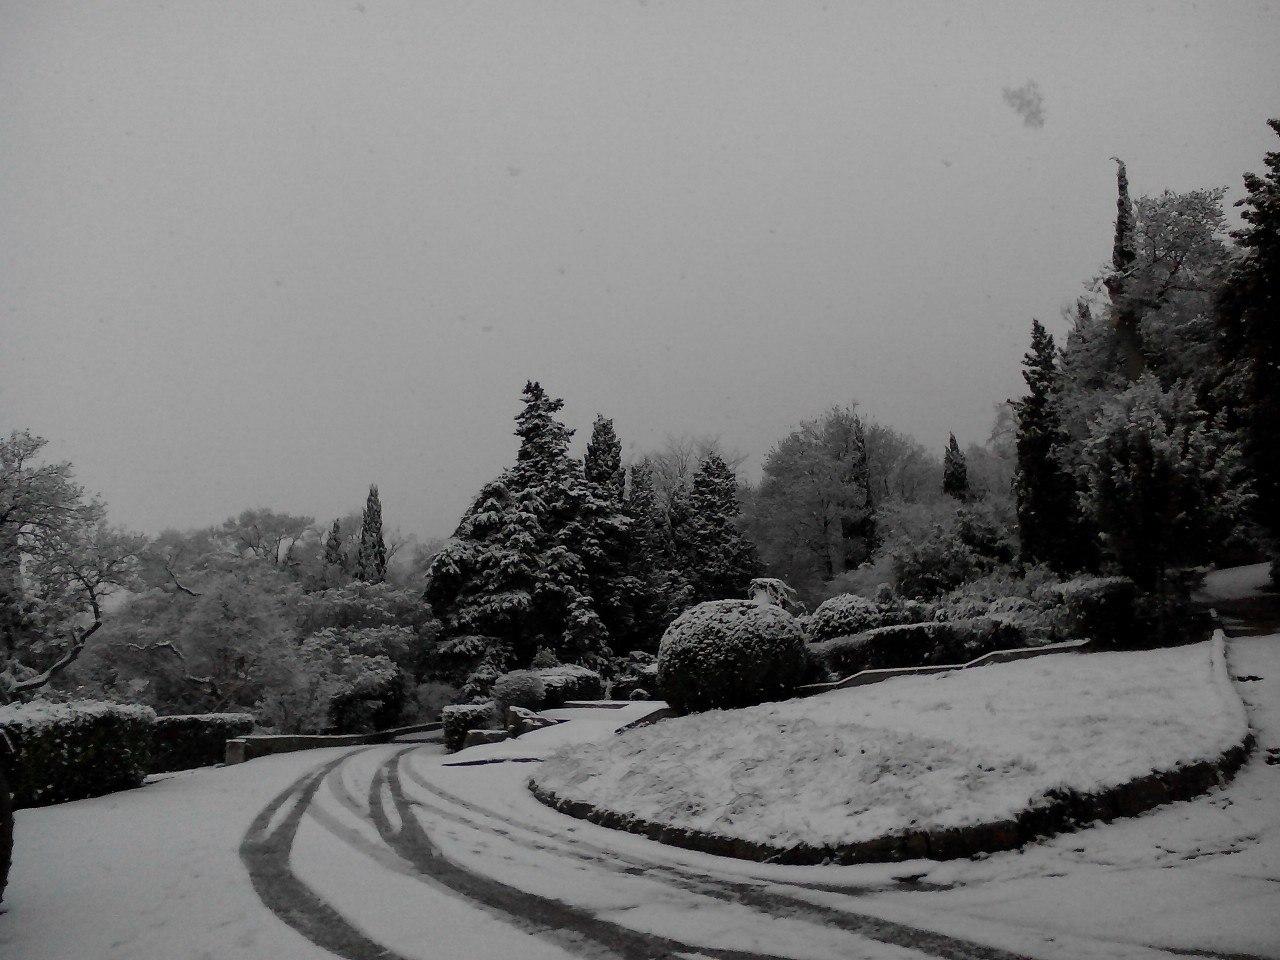 Воронцовский дворец и парк в снегу: западный вход во дворец